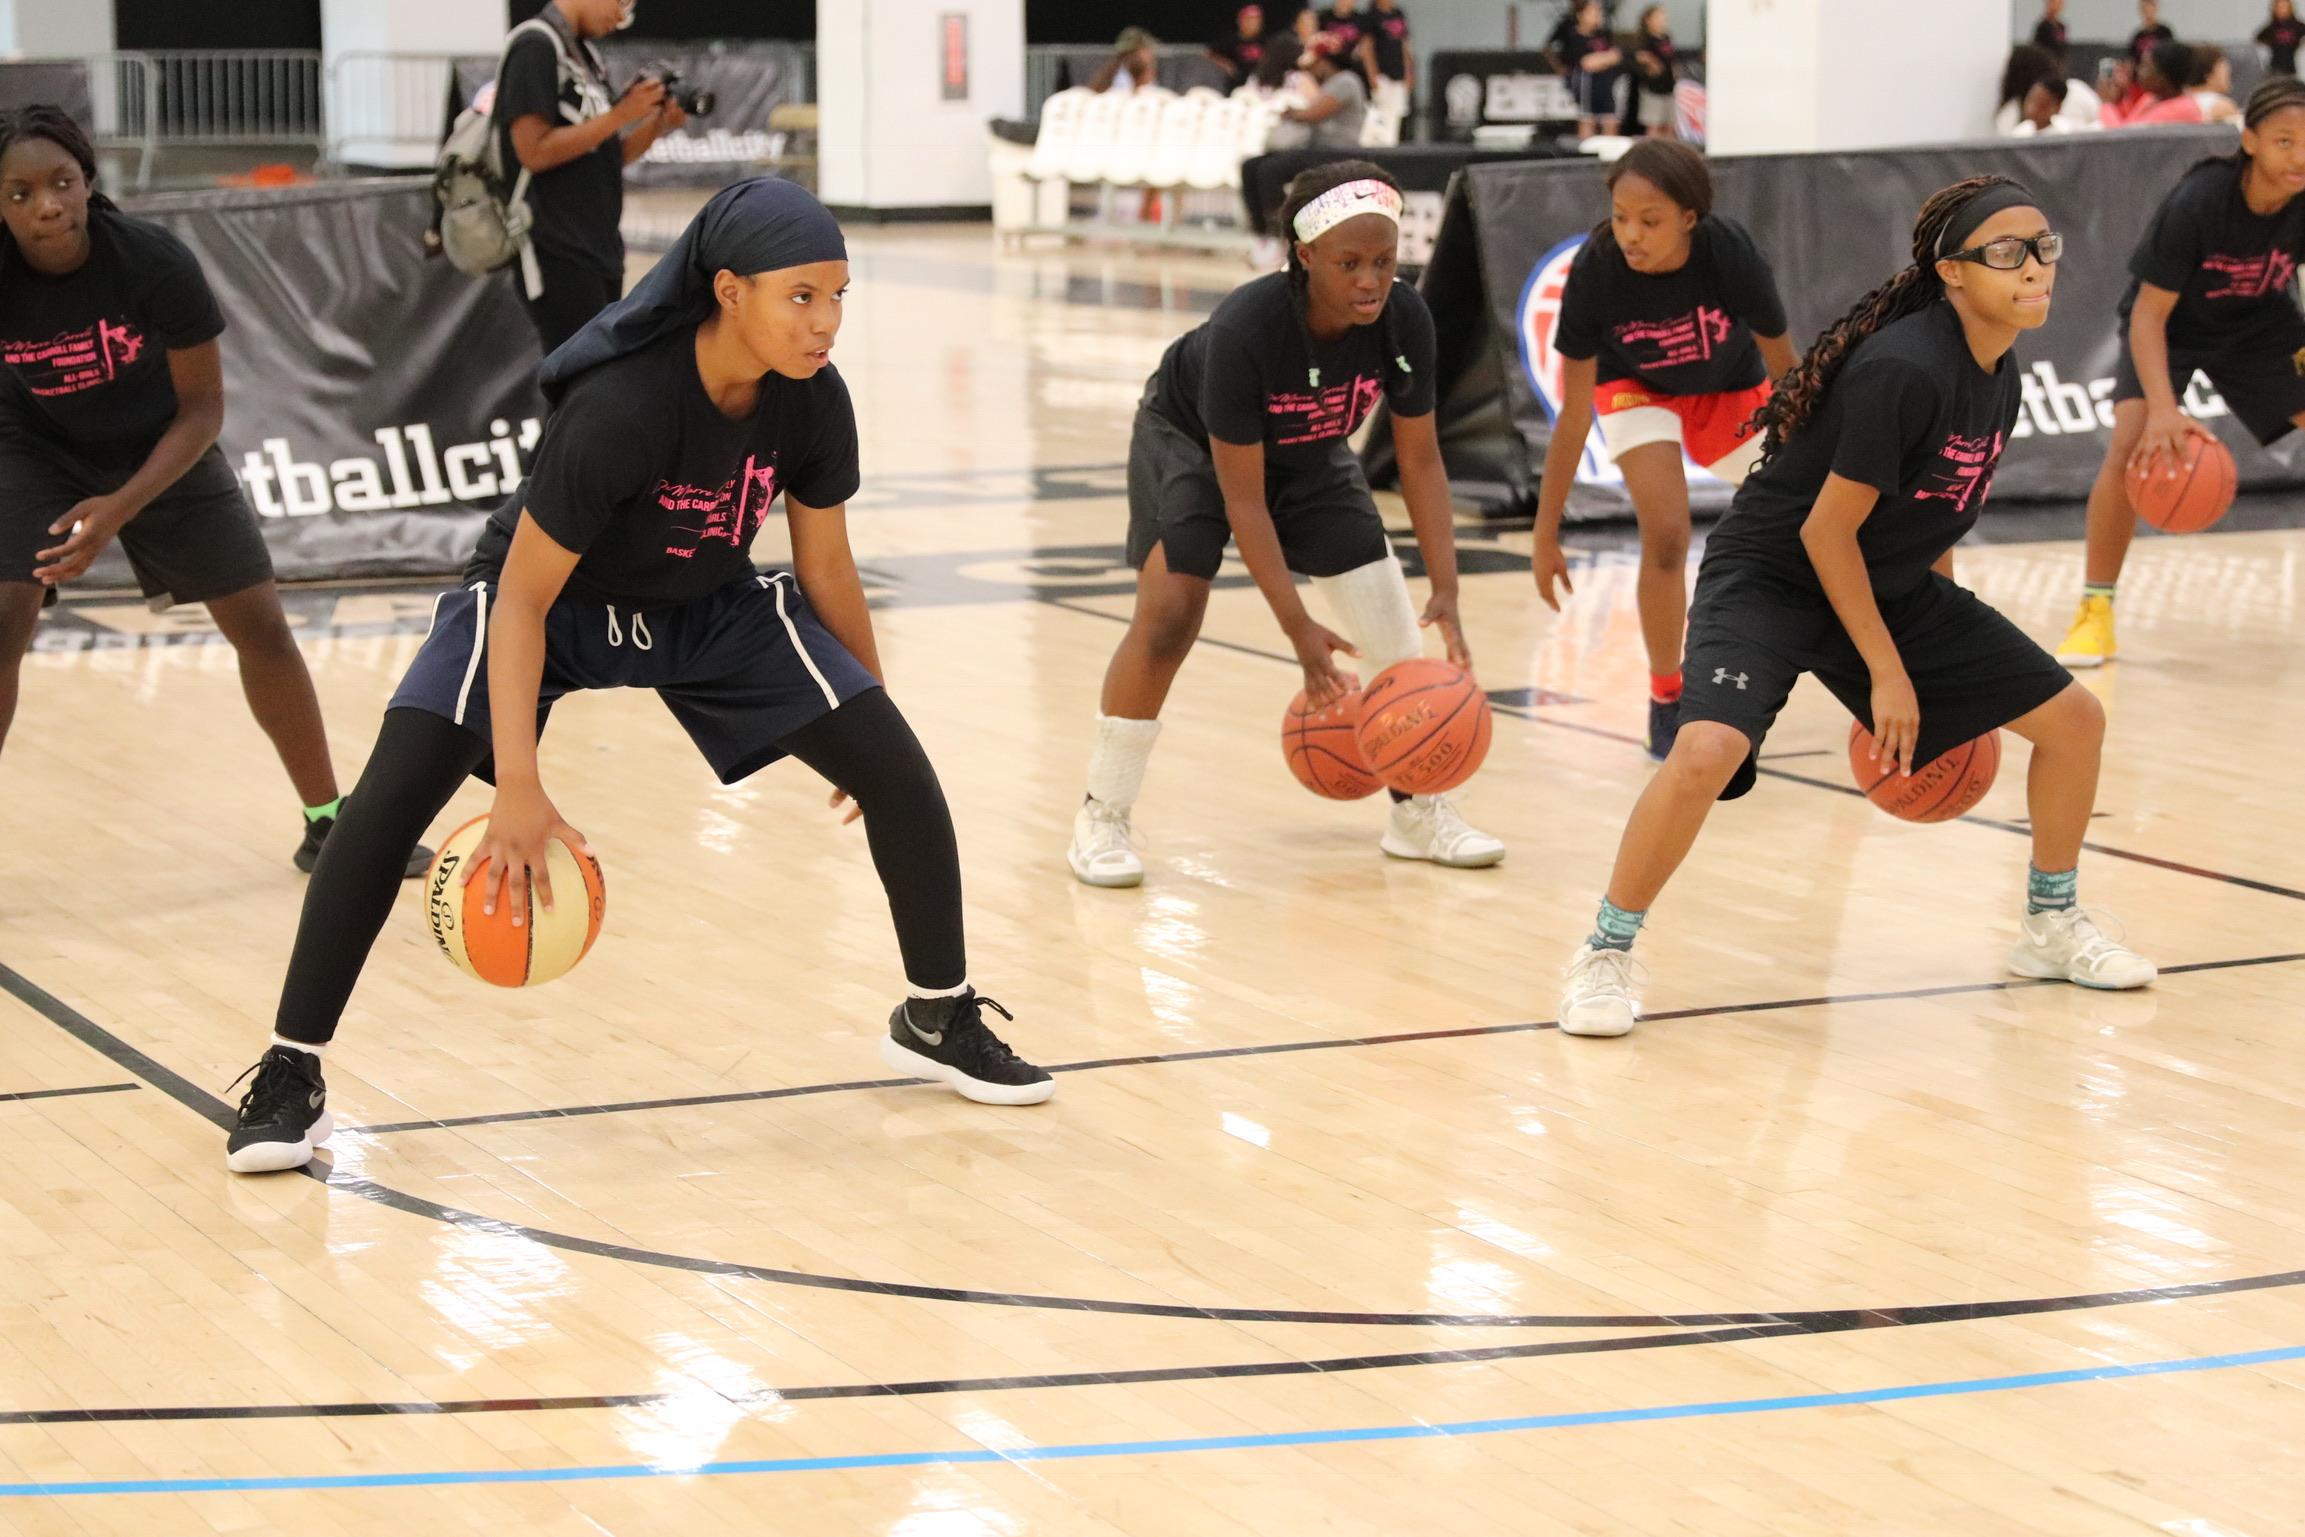 DeMarre_Carroll_girls_basketball_clinic_drills.JPG